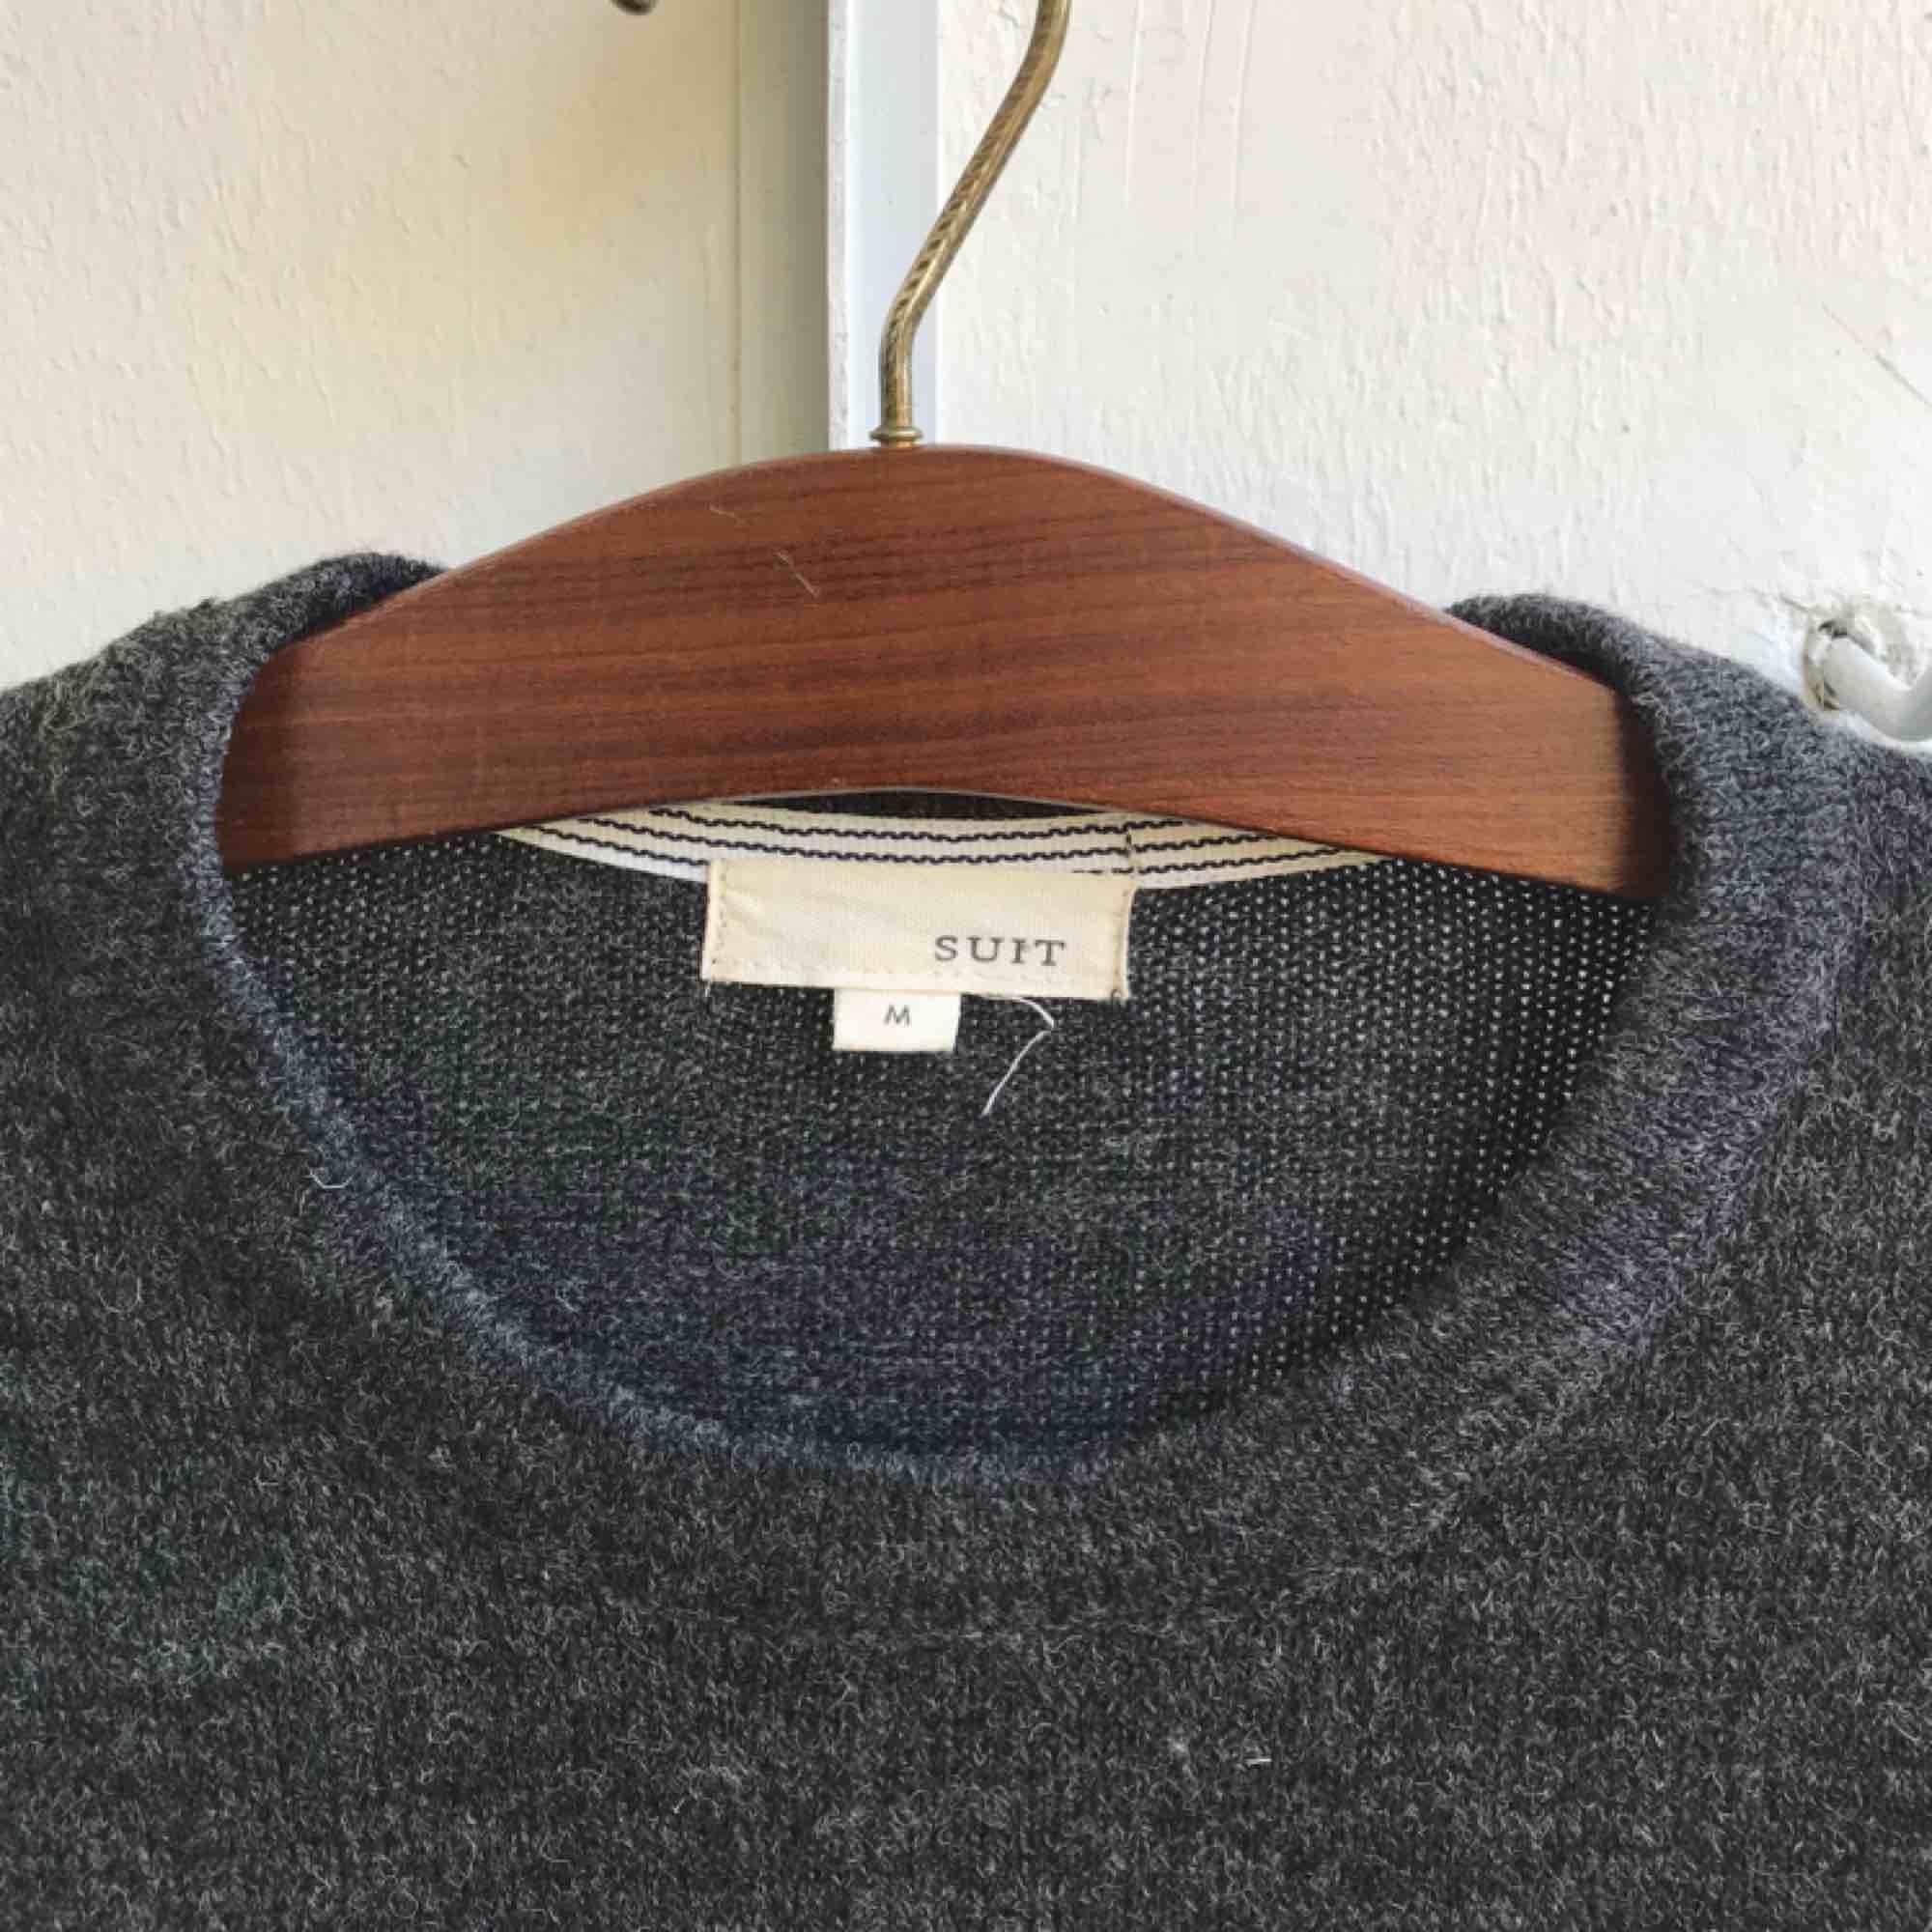 Tröja köpt på Island. Knappt använd. Mörkblå/grå.. Tröjor & Koftor.